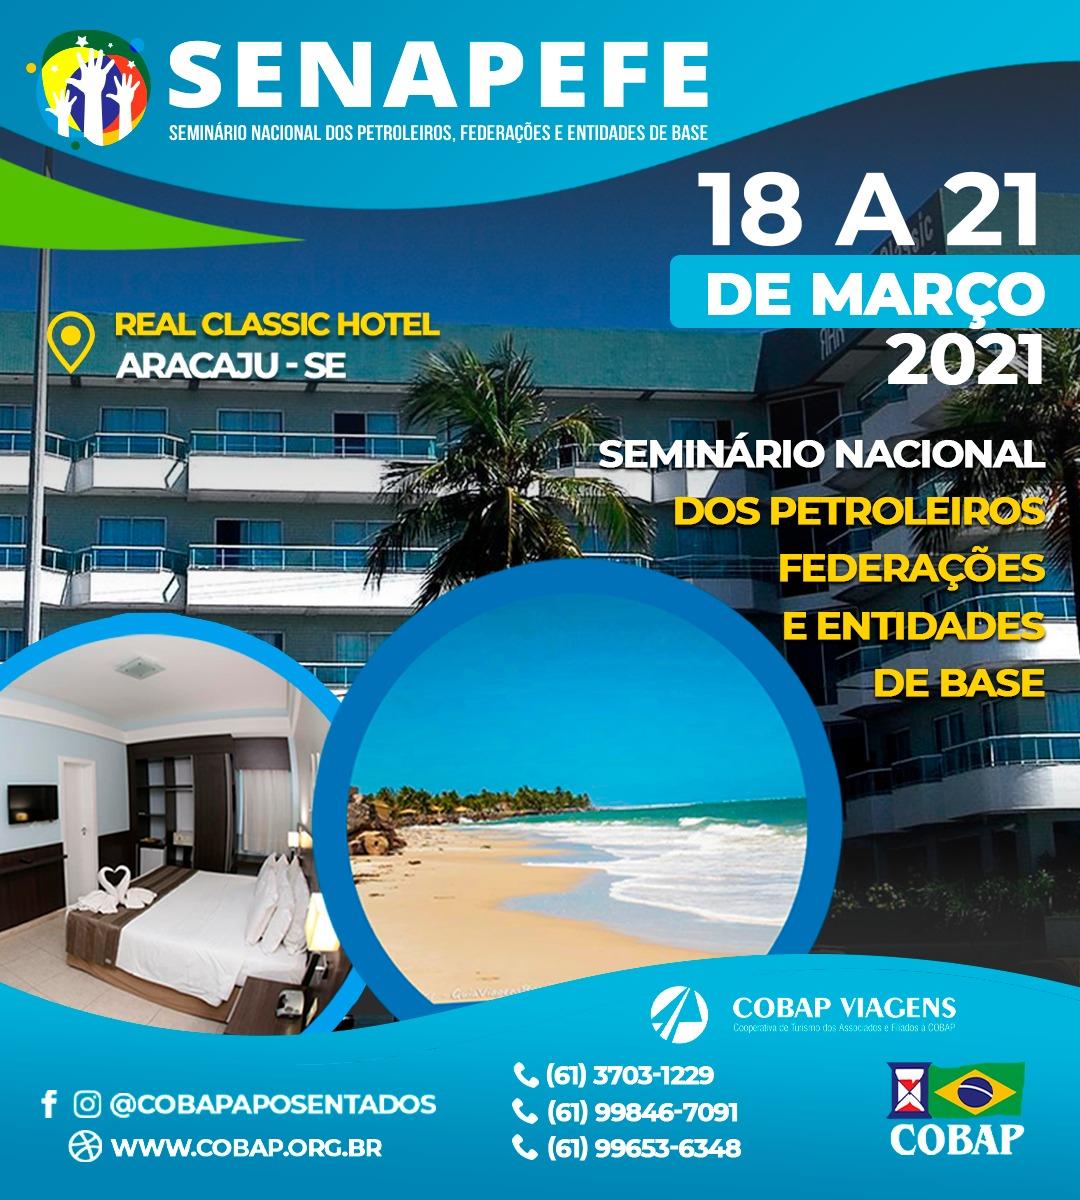 Seminário em Aracaju (SE) tem nova data: 18 a 21 de março de 2021